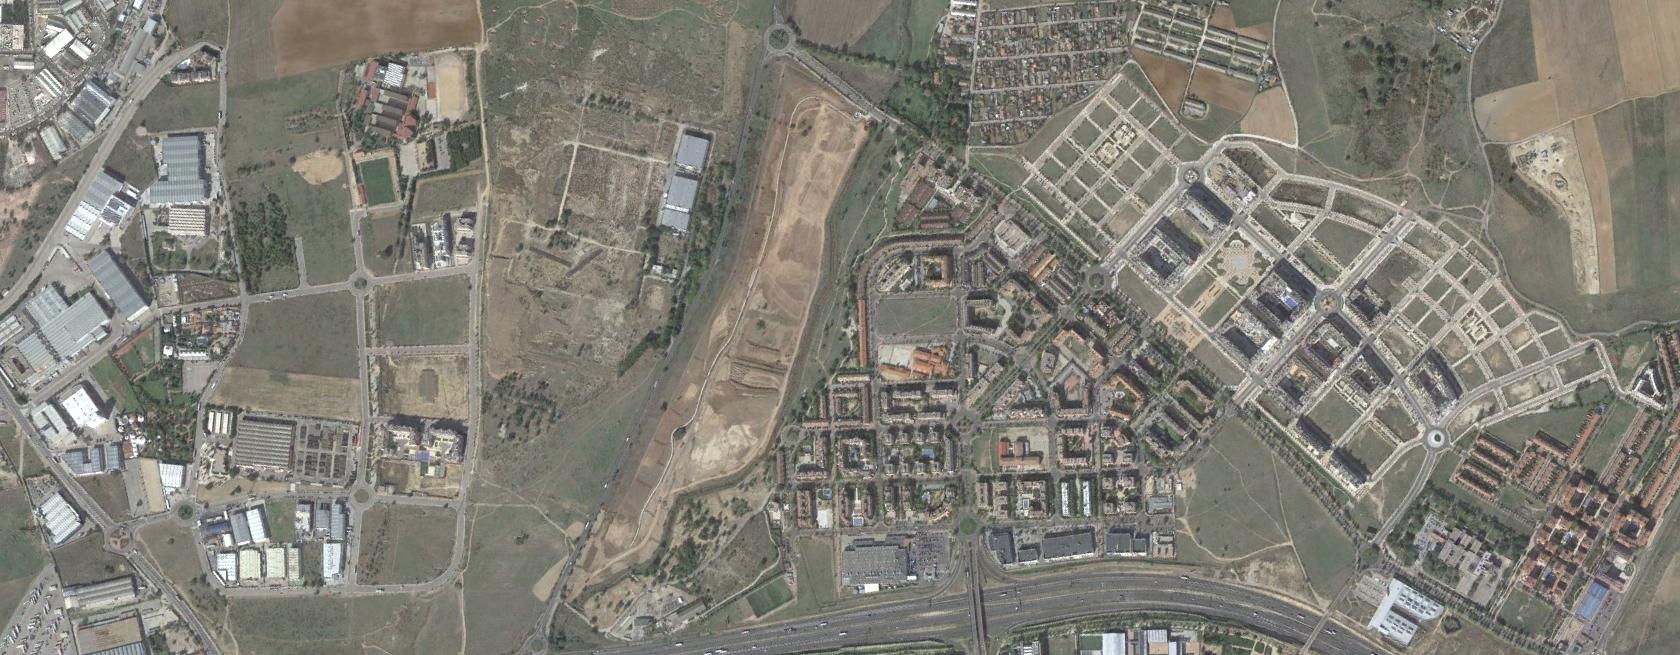 alcalá de henares, madrid, quien tiene un tío tiene un tesoro, después, urbanismo, planeamiento, urbano, desastre, urbanístico, construcción, rotondas, carretera